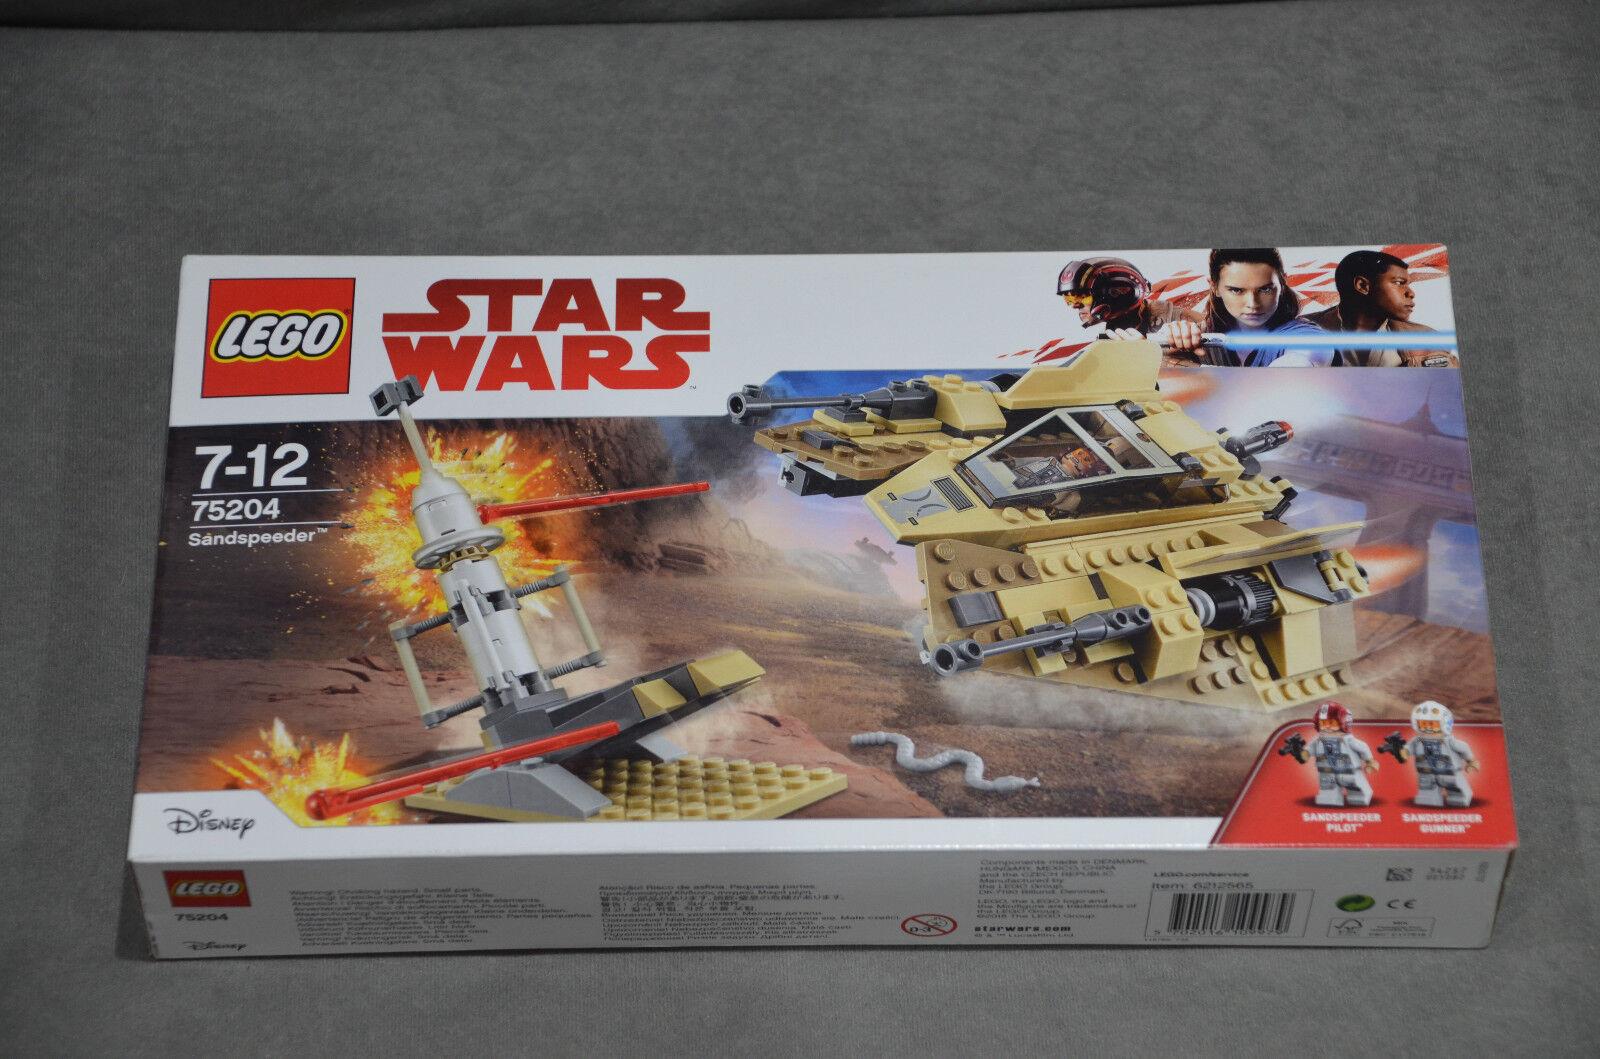 LEGO 75204 Star Wars Sandspeeder 278 Pieces Brand New Sealed Box Set 2018